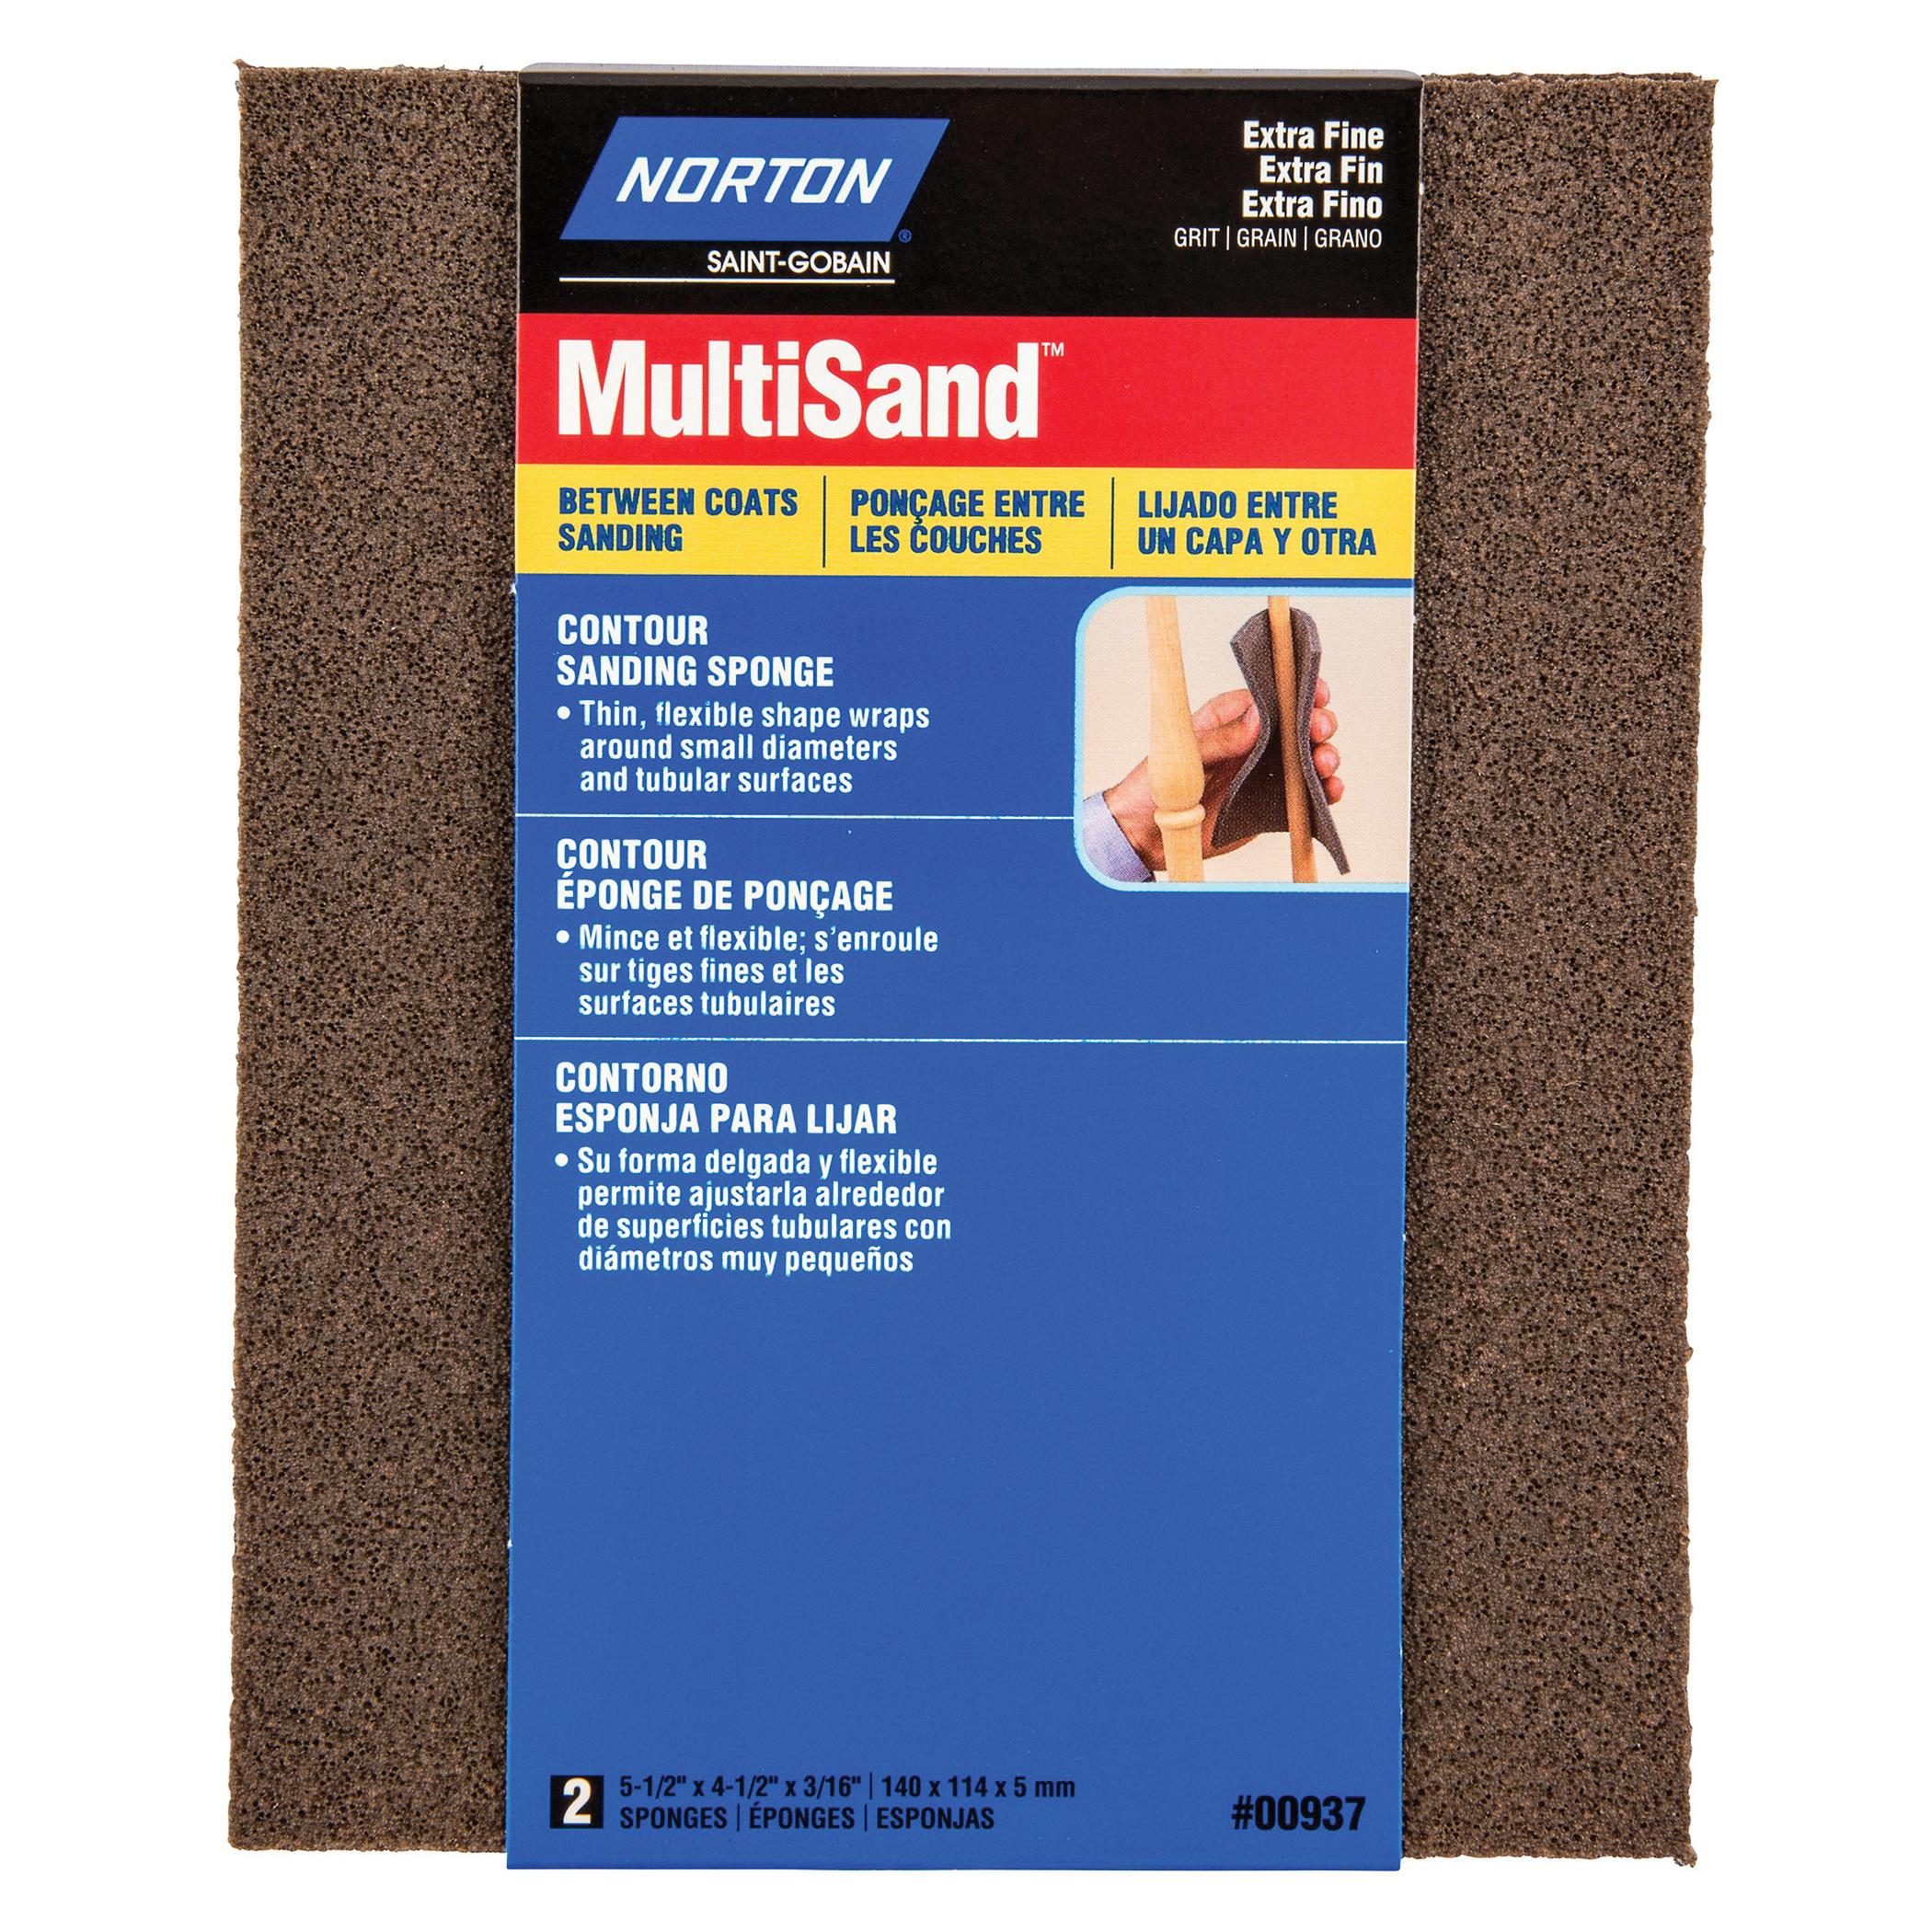 Norton® MultiSand™ 07660700937 Contour Sanding Sponge, 5-1/2 in L x 4-1/2 in W x 3/16 in THK, Extra Fine Grade